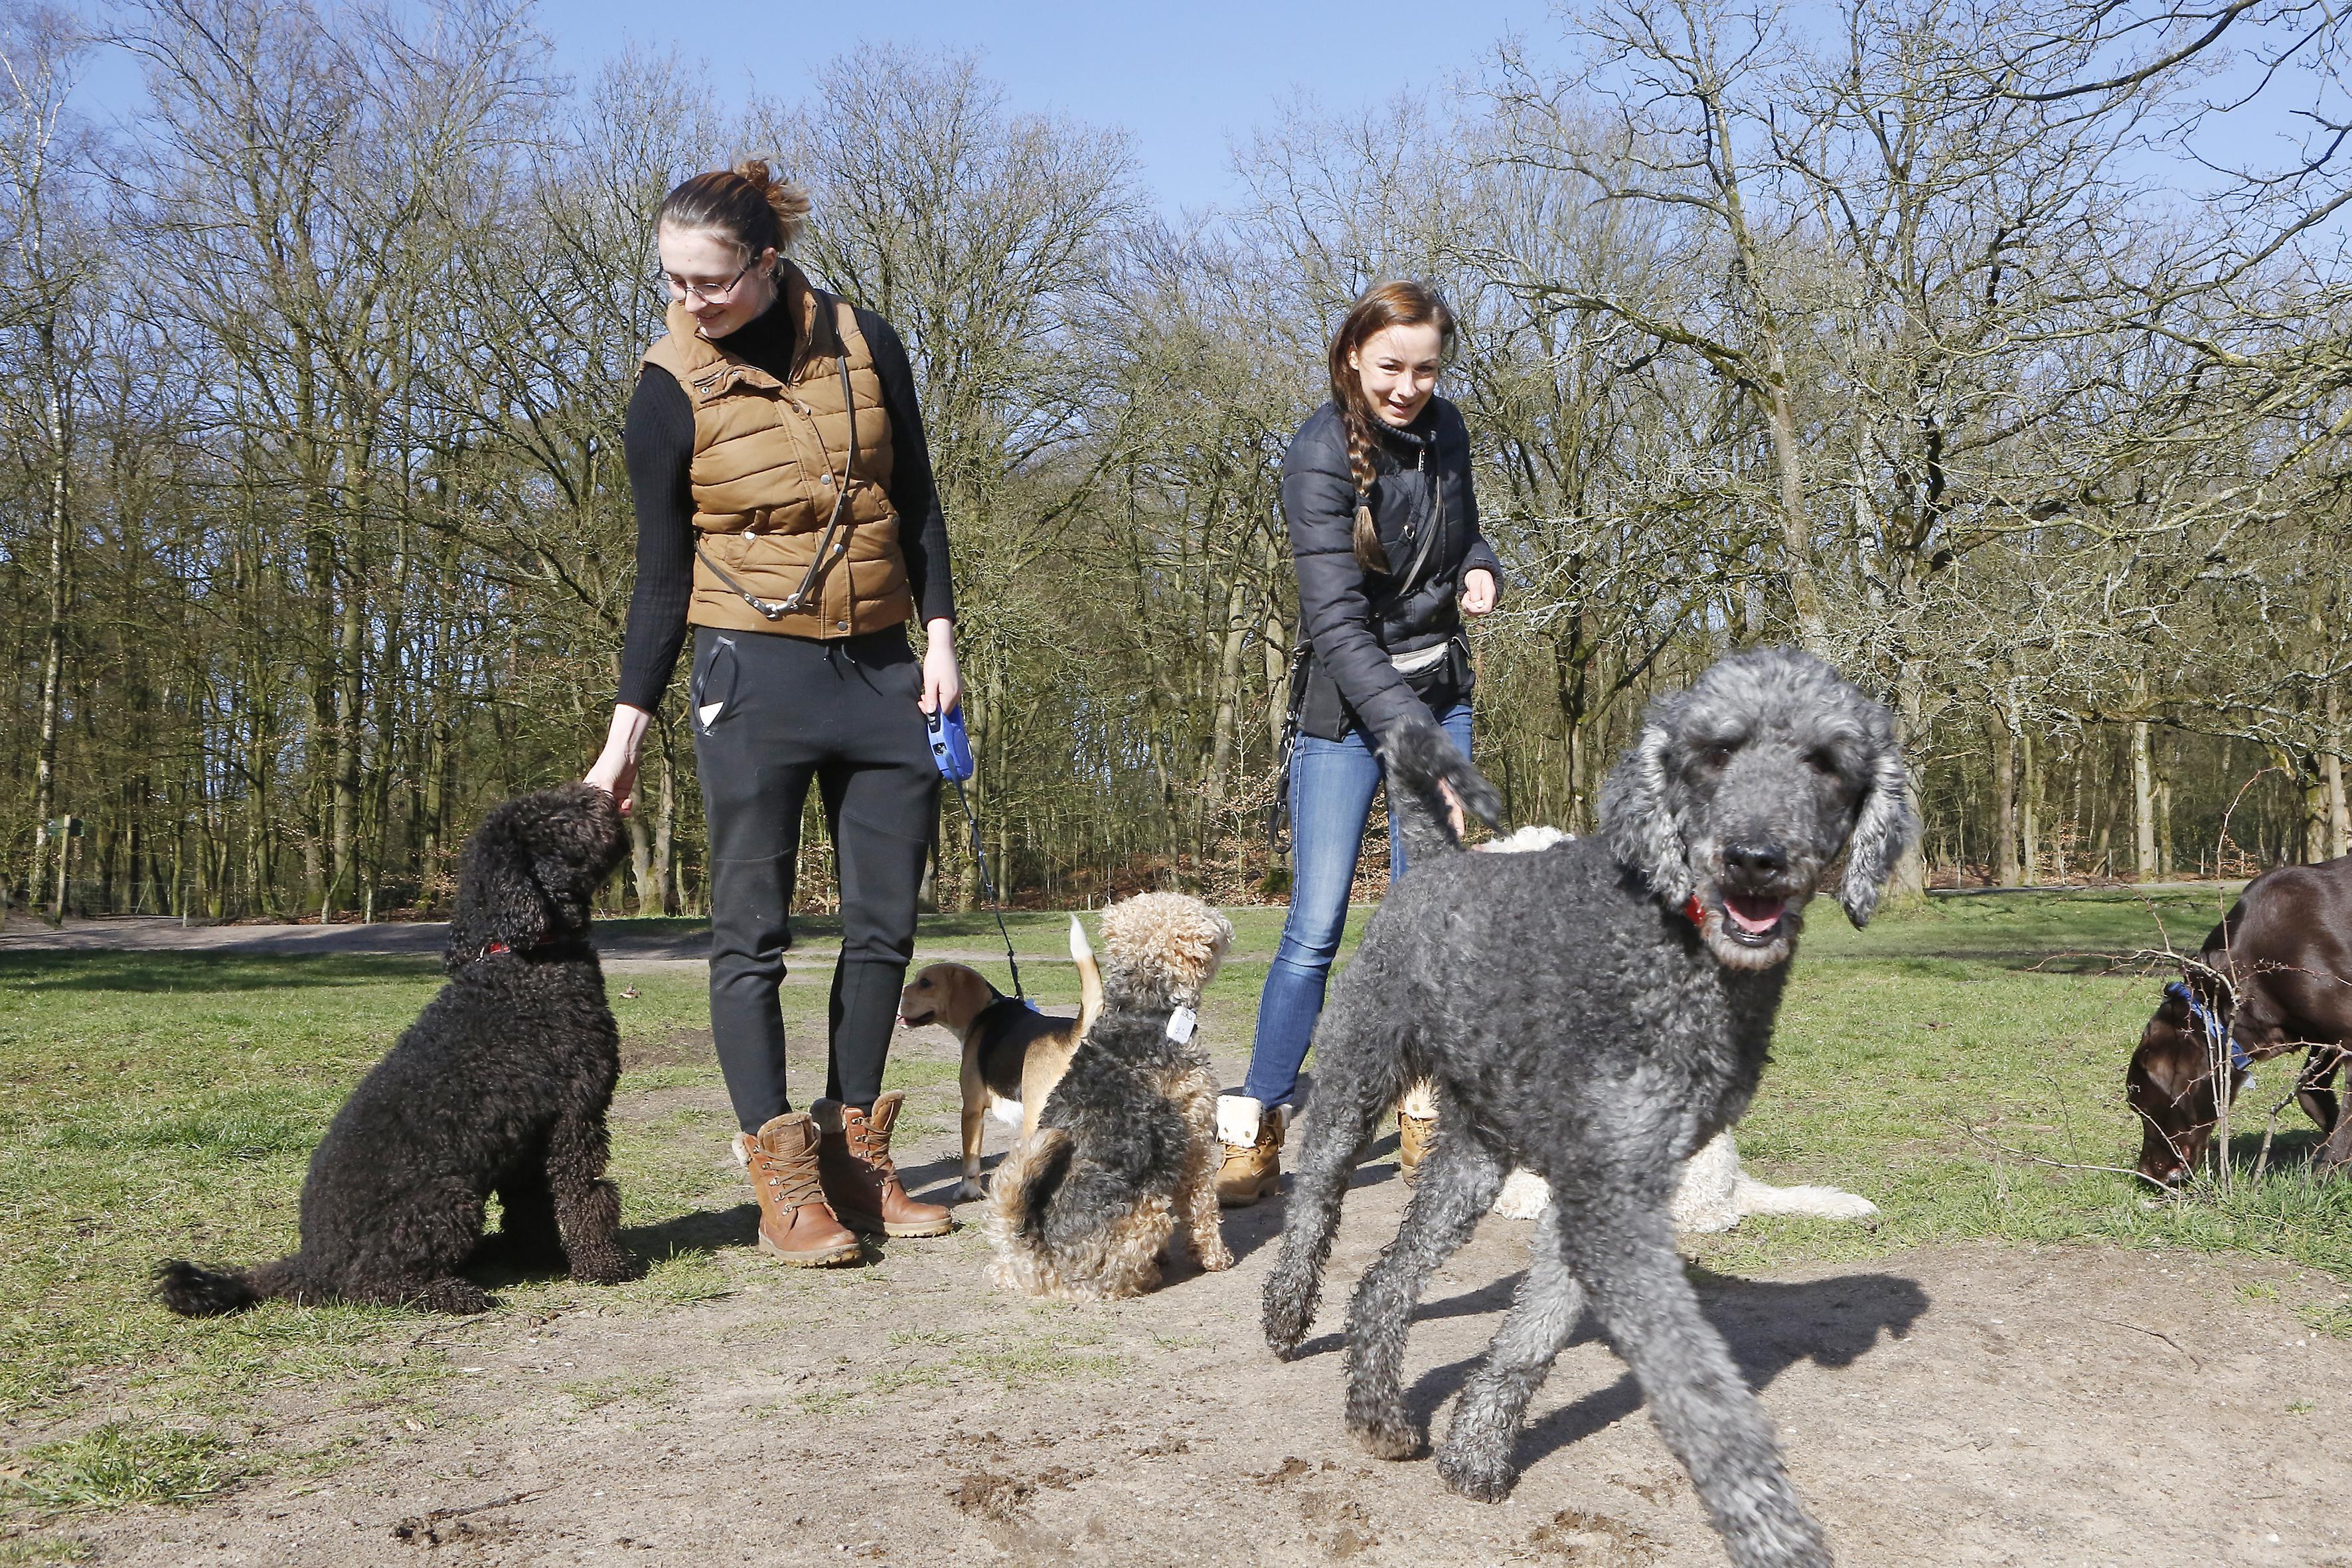 Geen uitzondering voor Gooise hondenuitlaatservices in GNR-natuur, ondanks vurige pleidooien: 'Ze zijn straks niet meer welkom. Dat besluit wordt niet herzien'